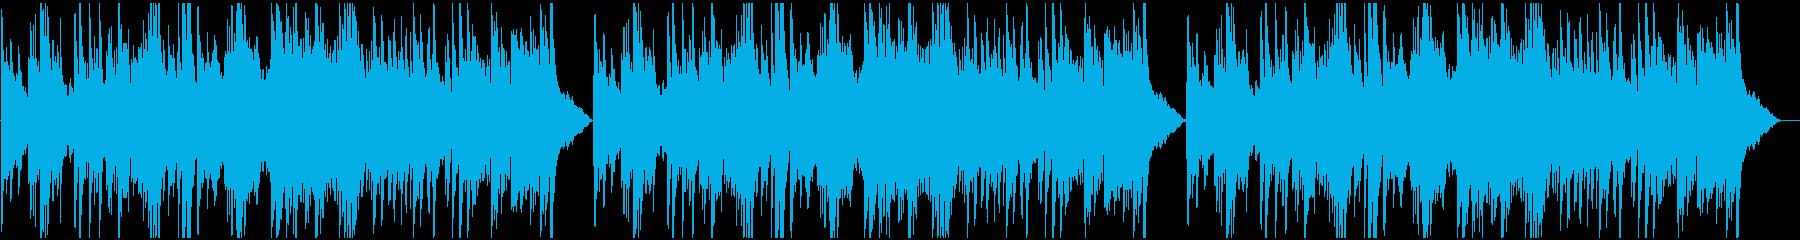 ピアノとストリングスで不安を表現した曲の再生済みの波形